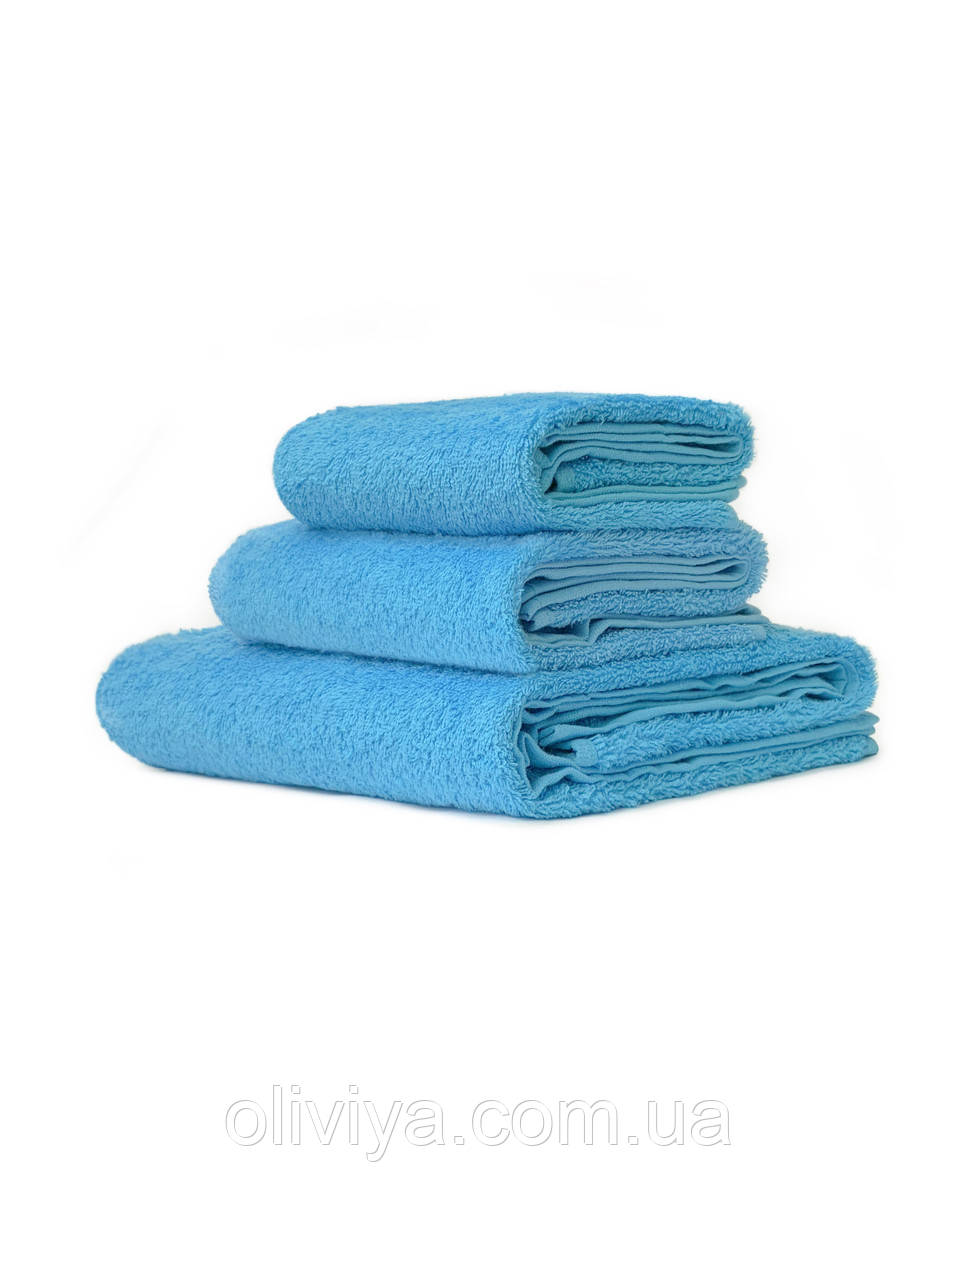 Рушники для готелів блакитний